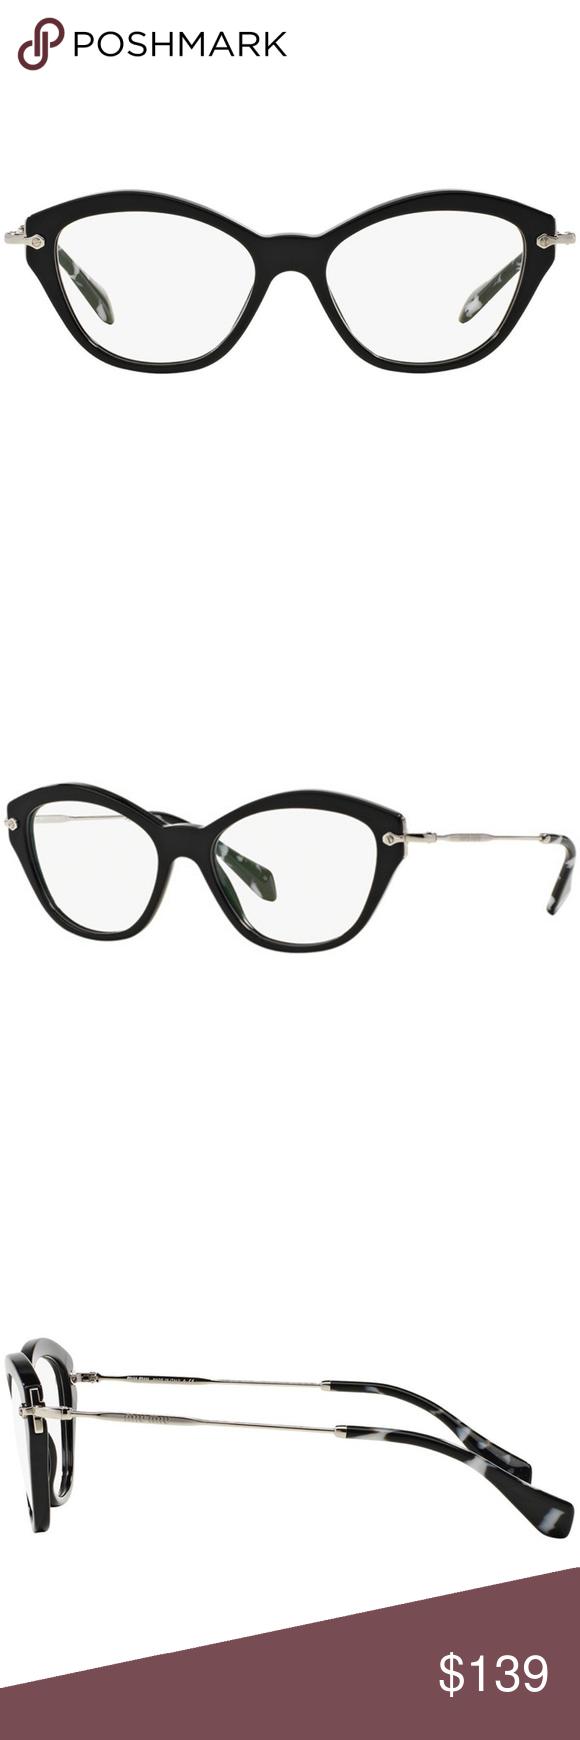 6c1b04f78c93 Miu Miu Sunglasses Black w Demo Lens Miu Miu Cat Eye Style Eyeglasses Women  Having